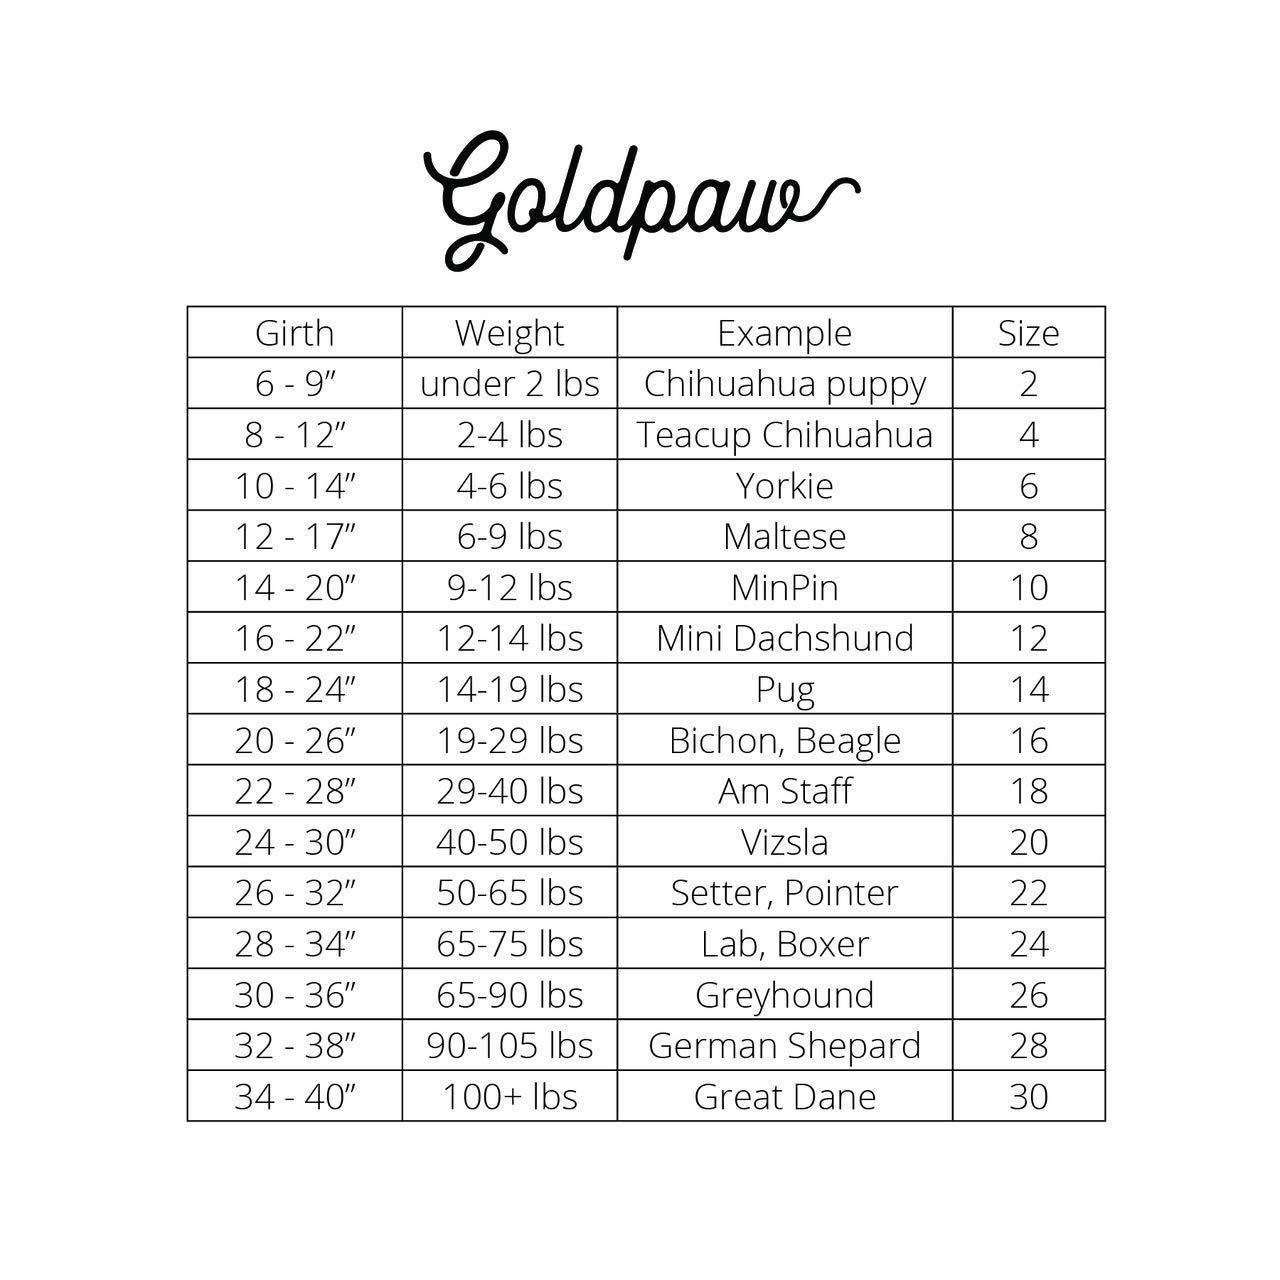 Gold Paw Series Gold Paw Fleece, Size 20, Fuchsia